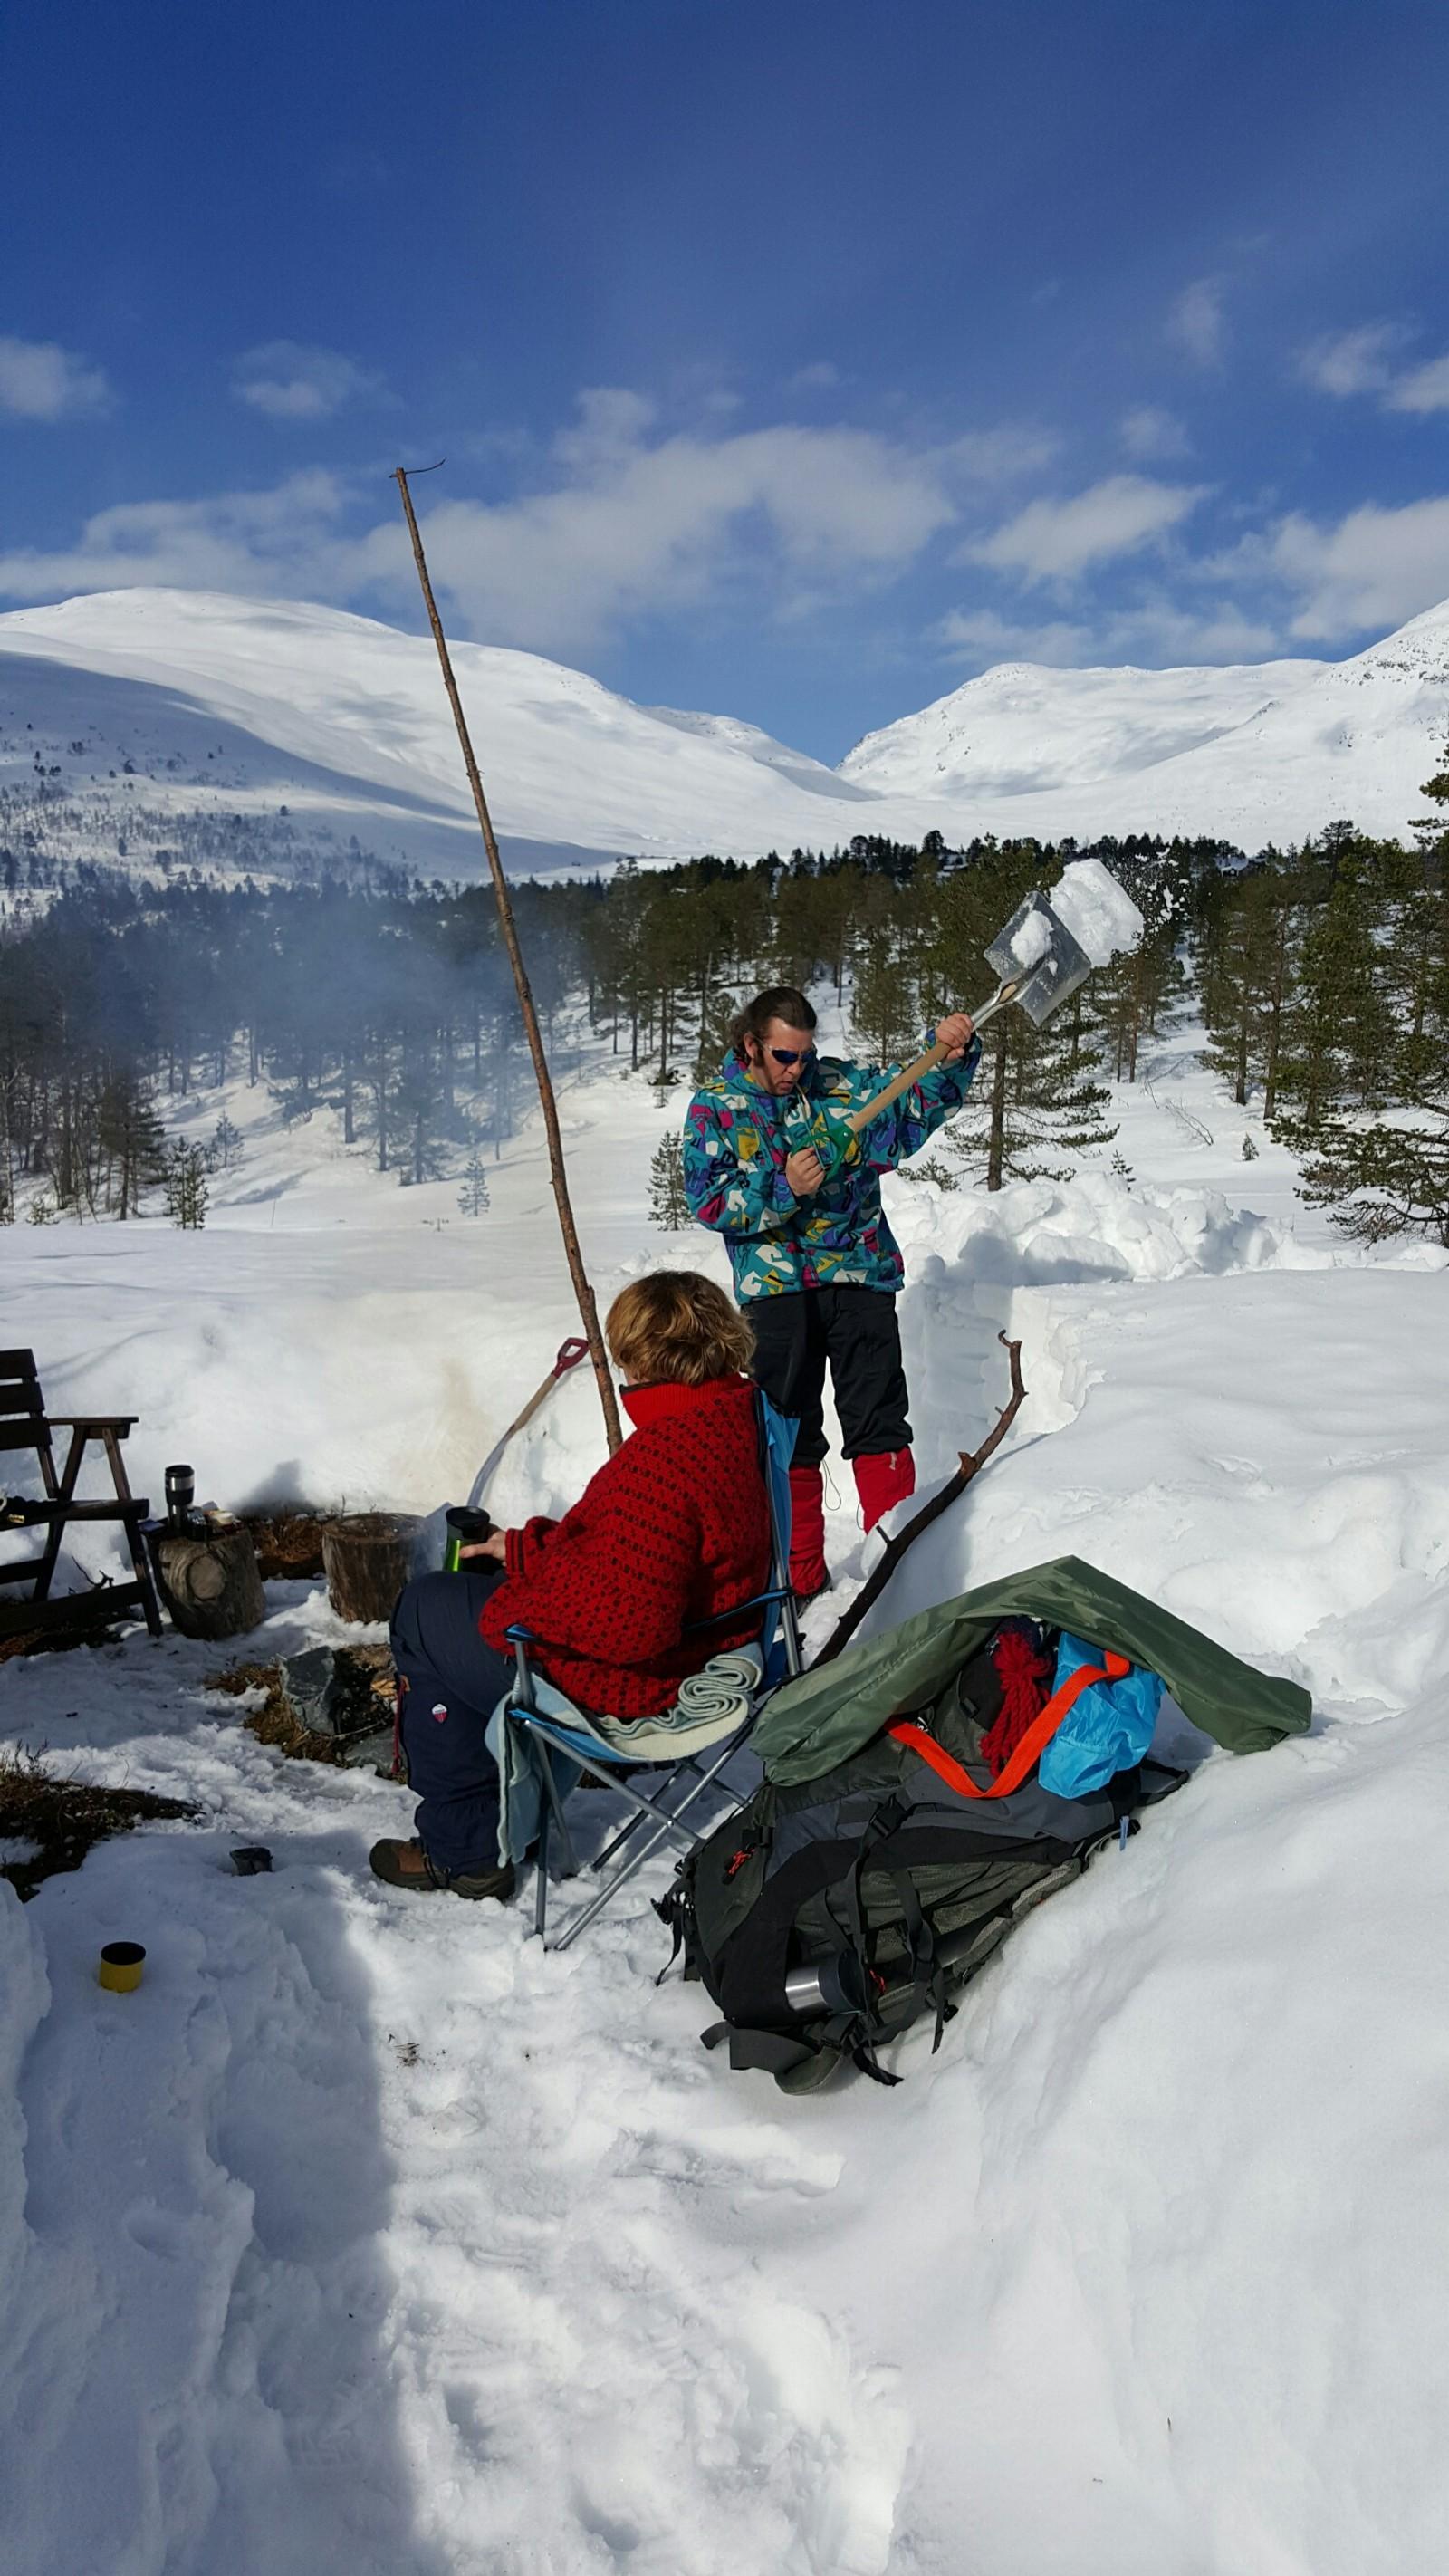 Bålkos og snøskuffing på Tverrfjellet i Stryn, skriv fotografen om dette biletet som var tatt onsdag 23. mars.